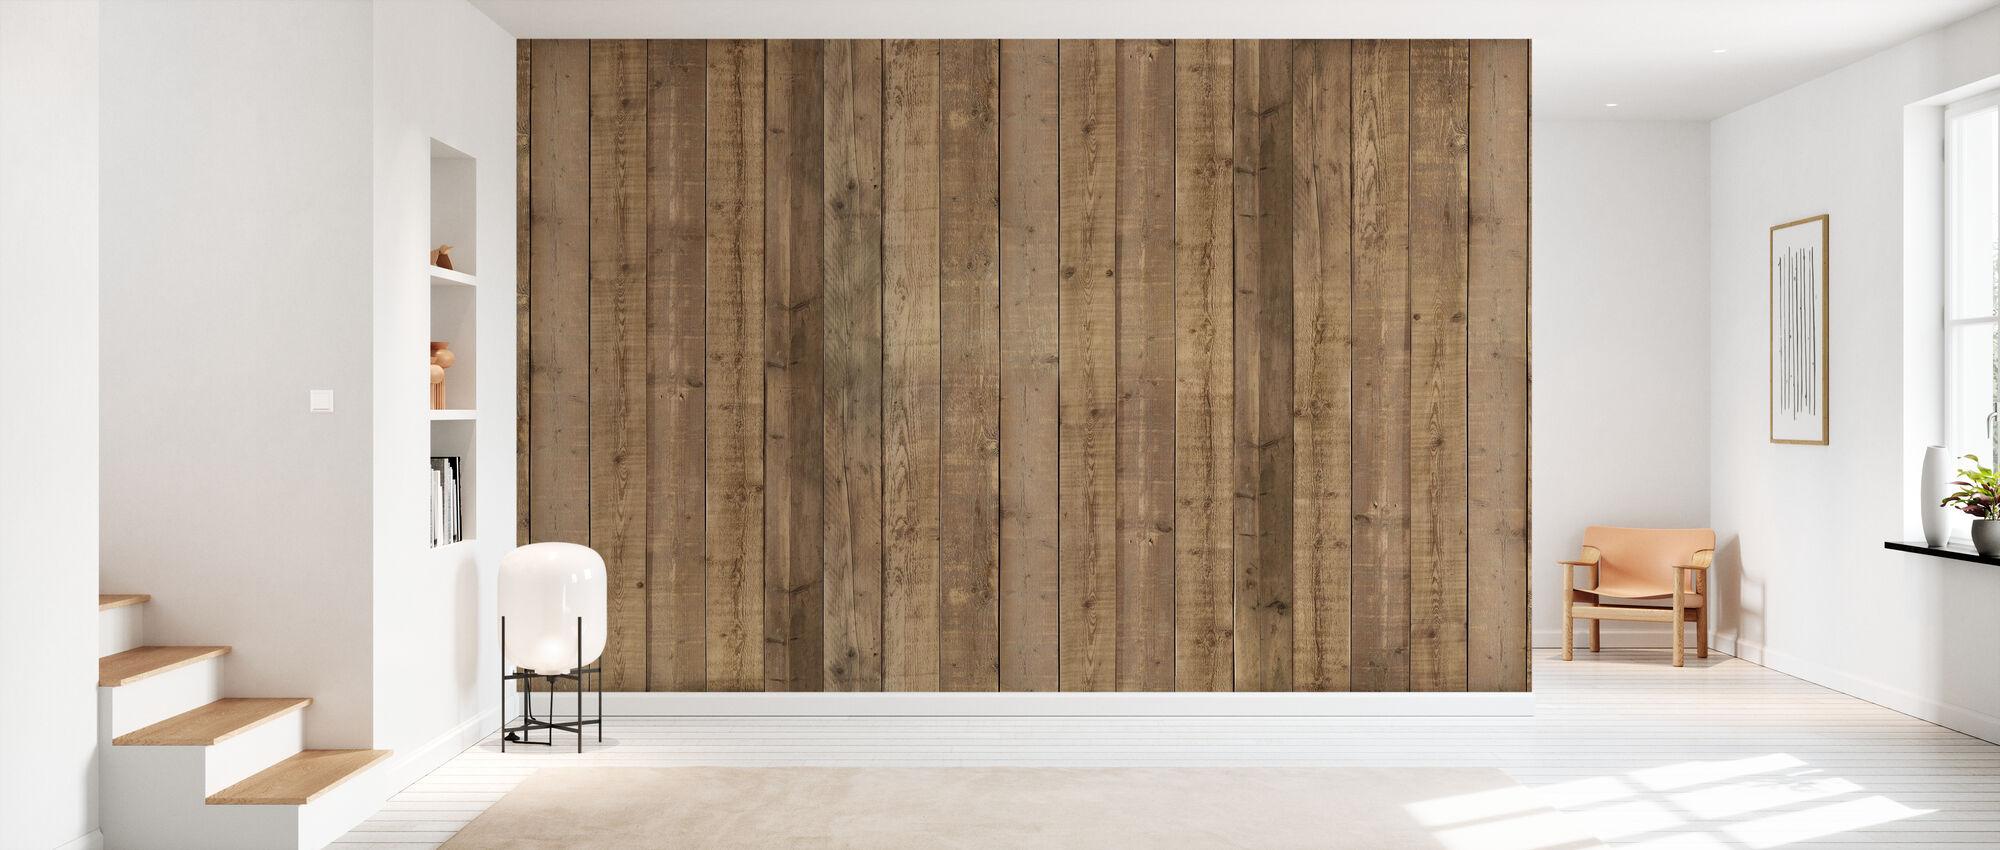 Planka vägg - Tapet - Hall